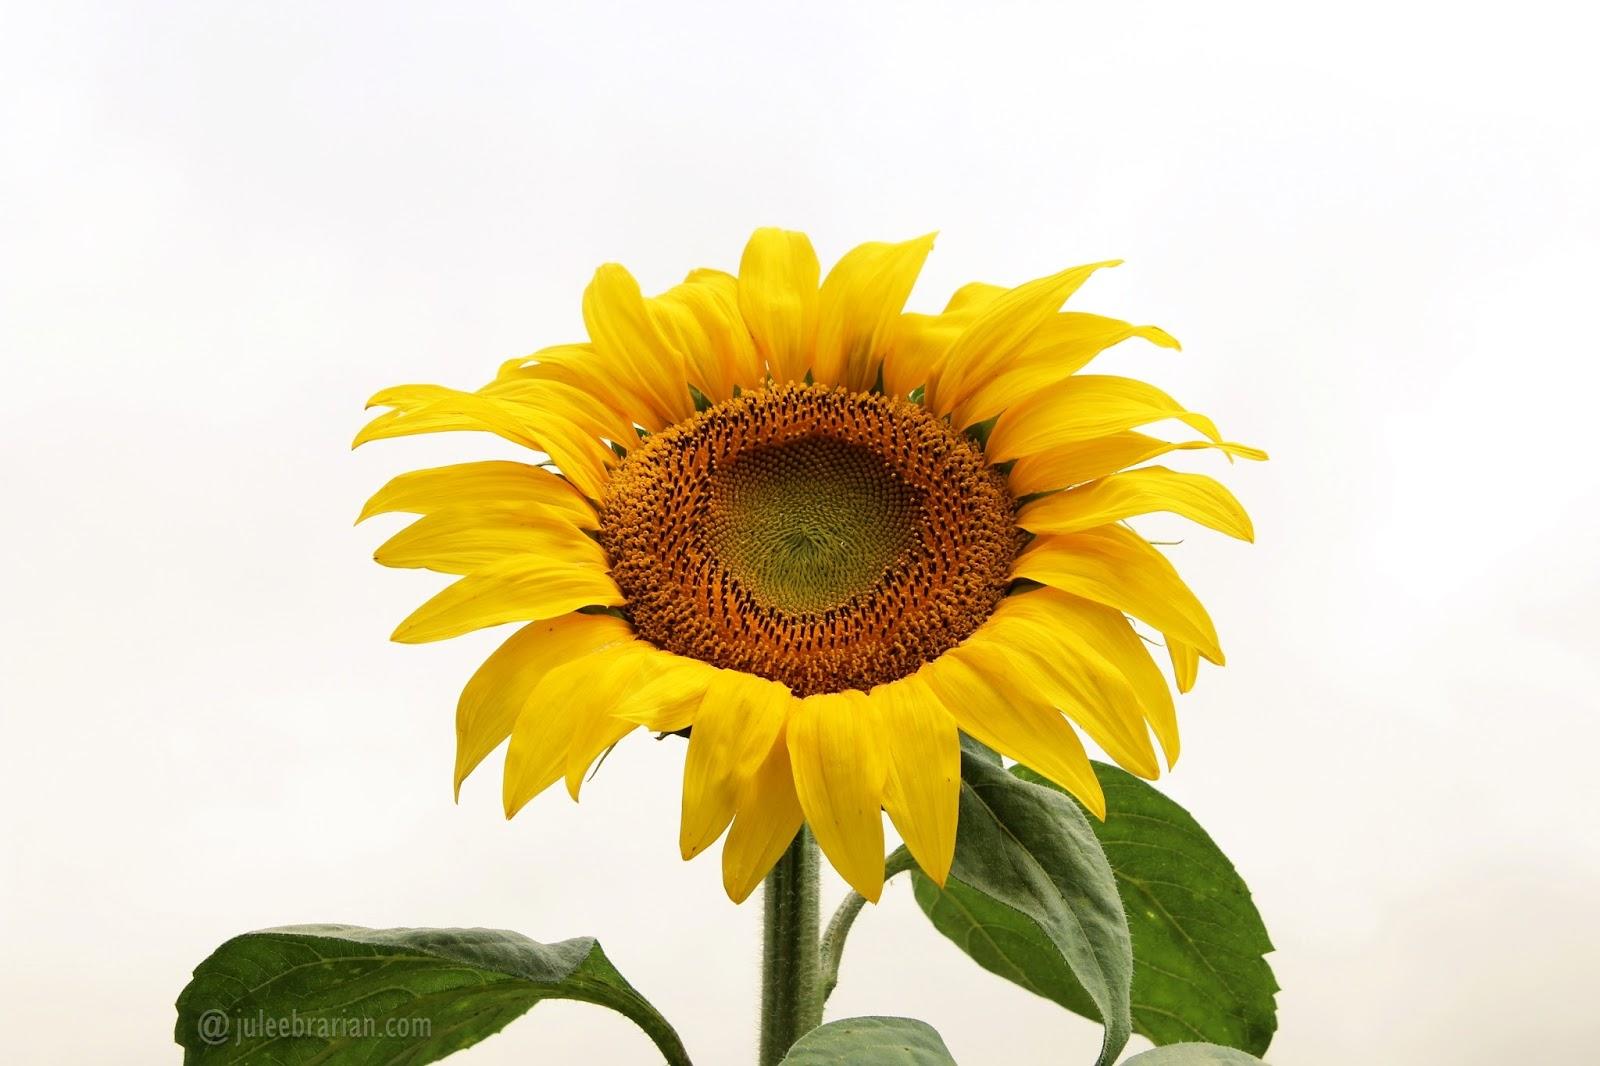 Gambar Bunga Matahari Hitam Putih Pickini